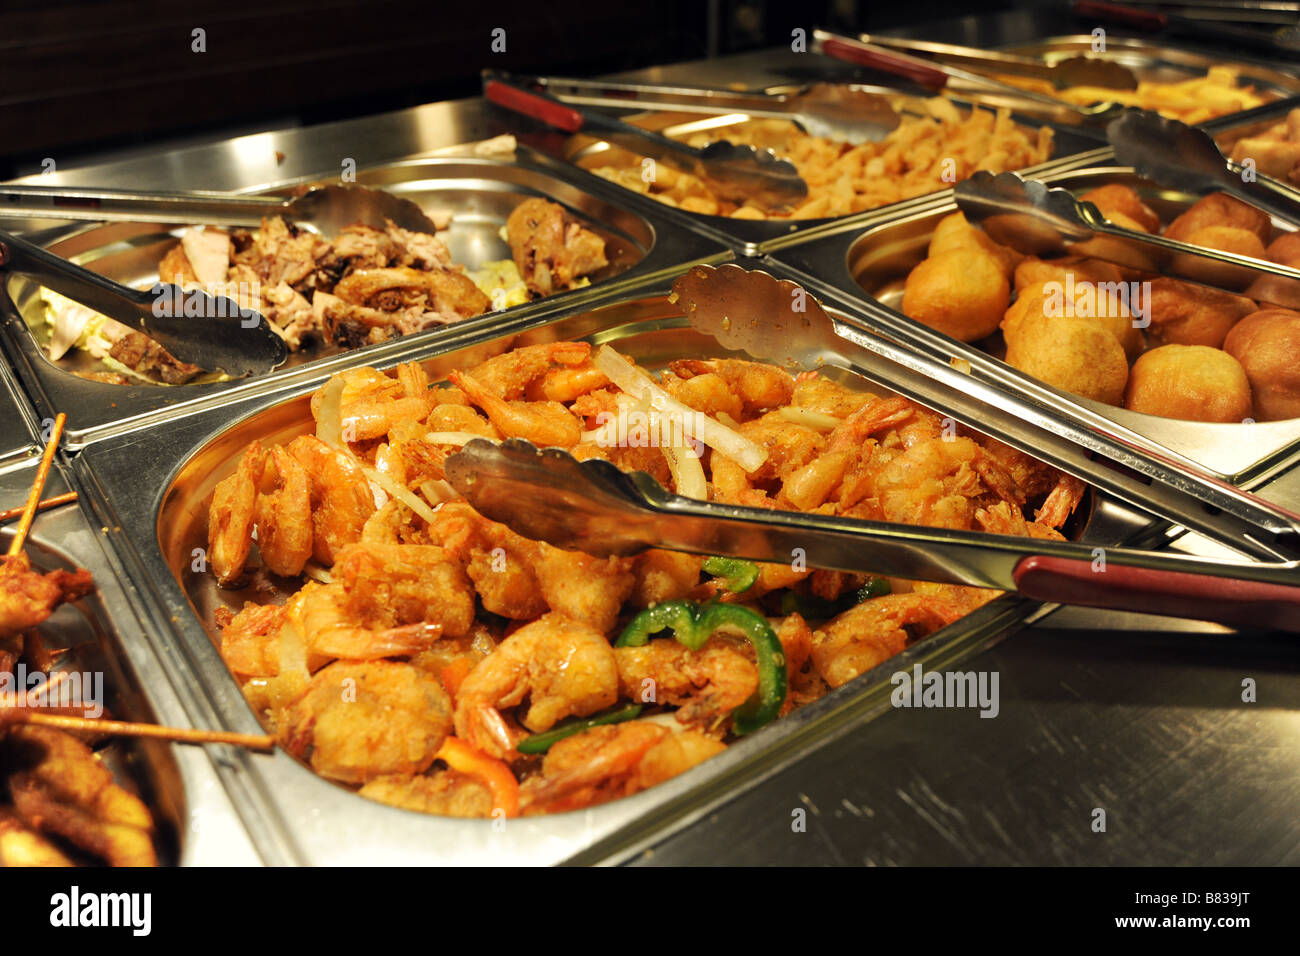 Williamsburg Va Chinese Food